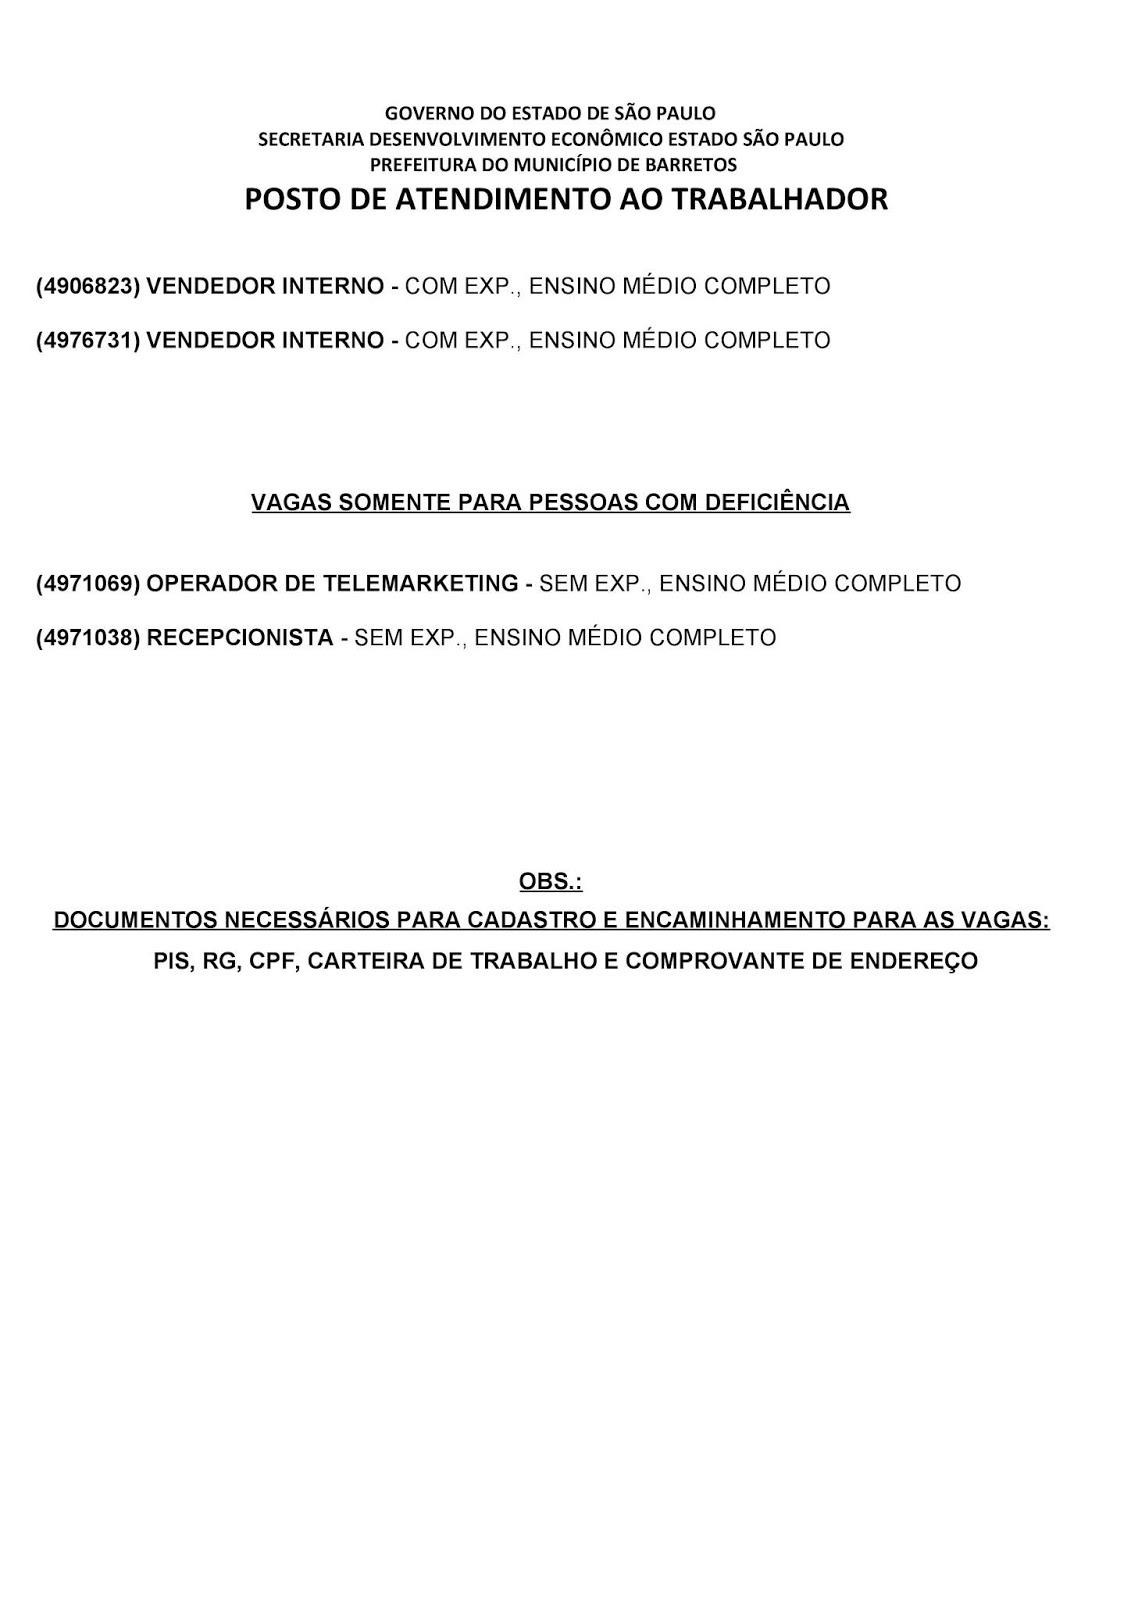 VAGAS DE EMPREGO DO PAT BARRETOS-SP PARA 01/06/2019 SÁBADO - PAG. 2